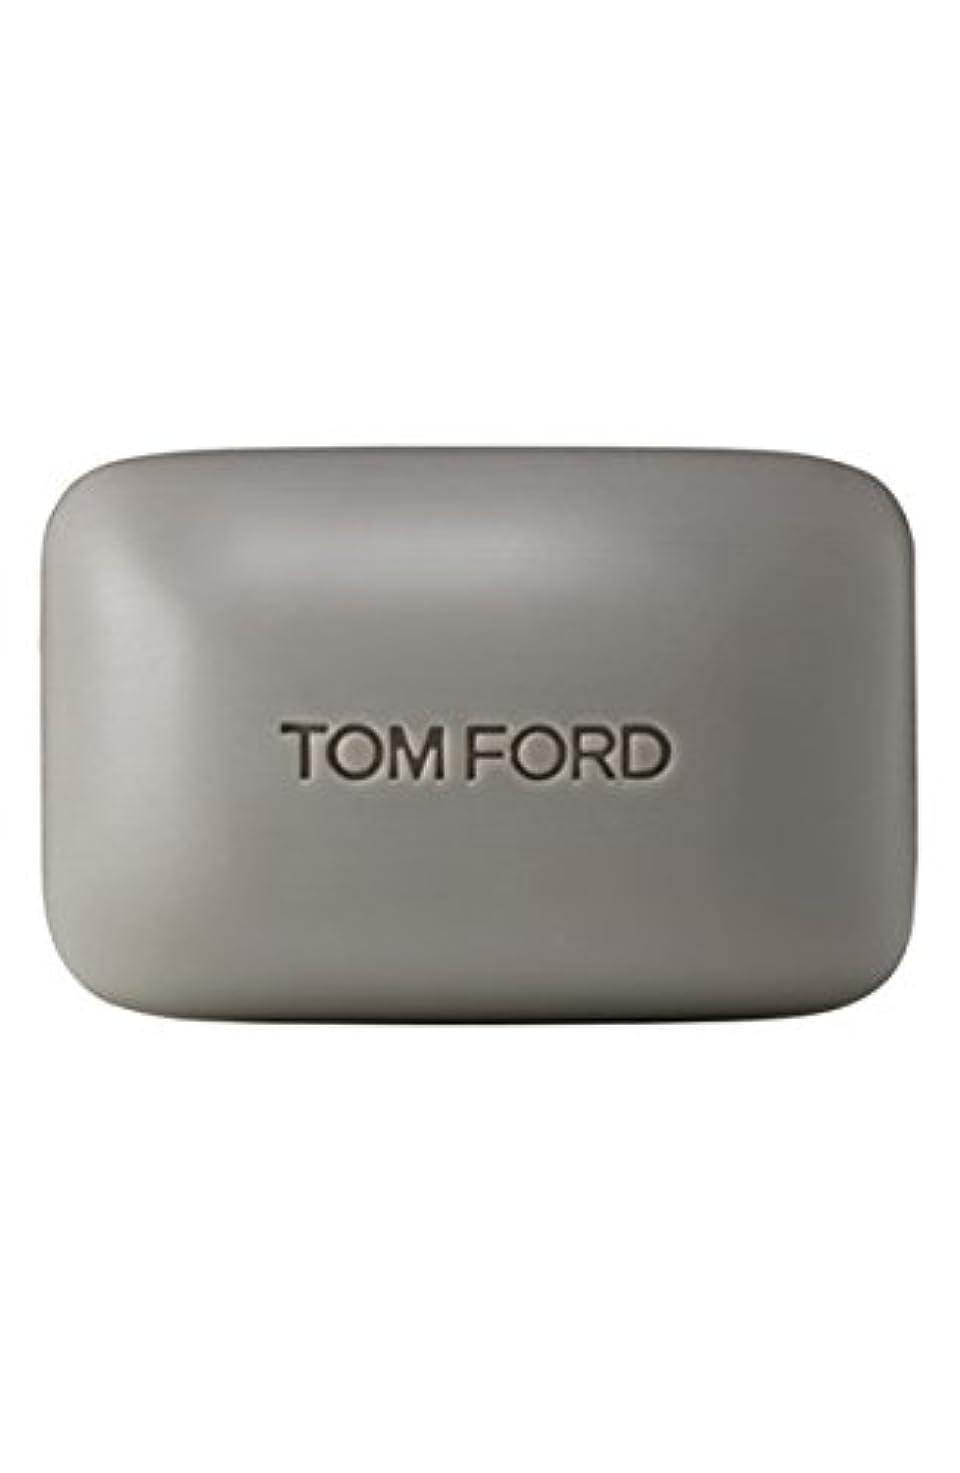 句回転させる司法Tom Ford Private Blend 'Oud Wood' (トムフォード プライベートブレンド オードウッド) 5.5 oz (165ml) Bar Soap (固形石鹸)